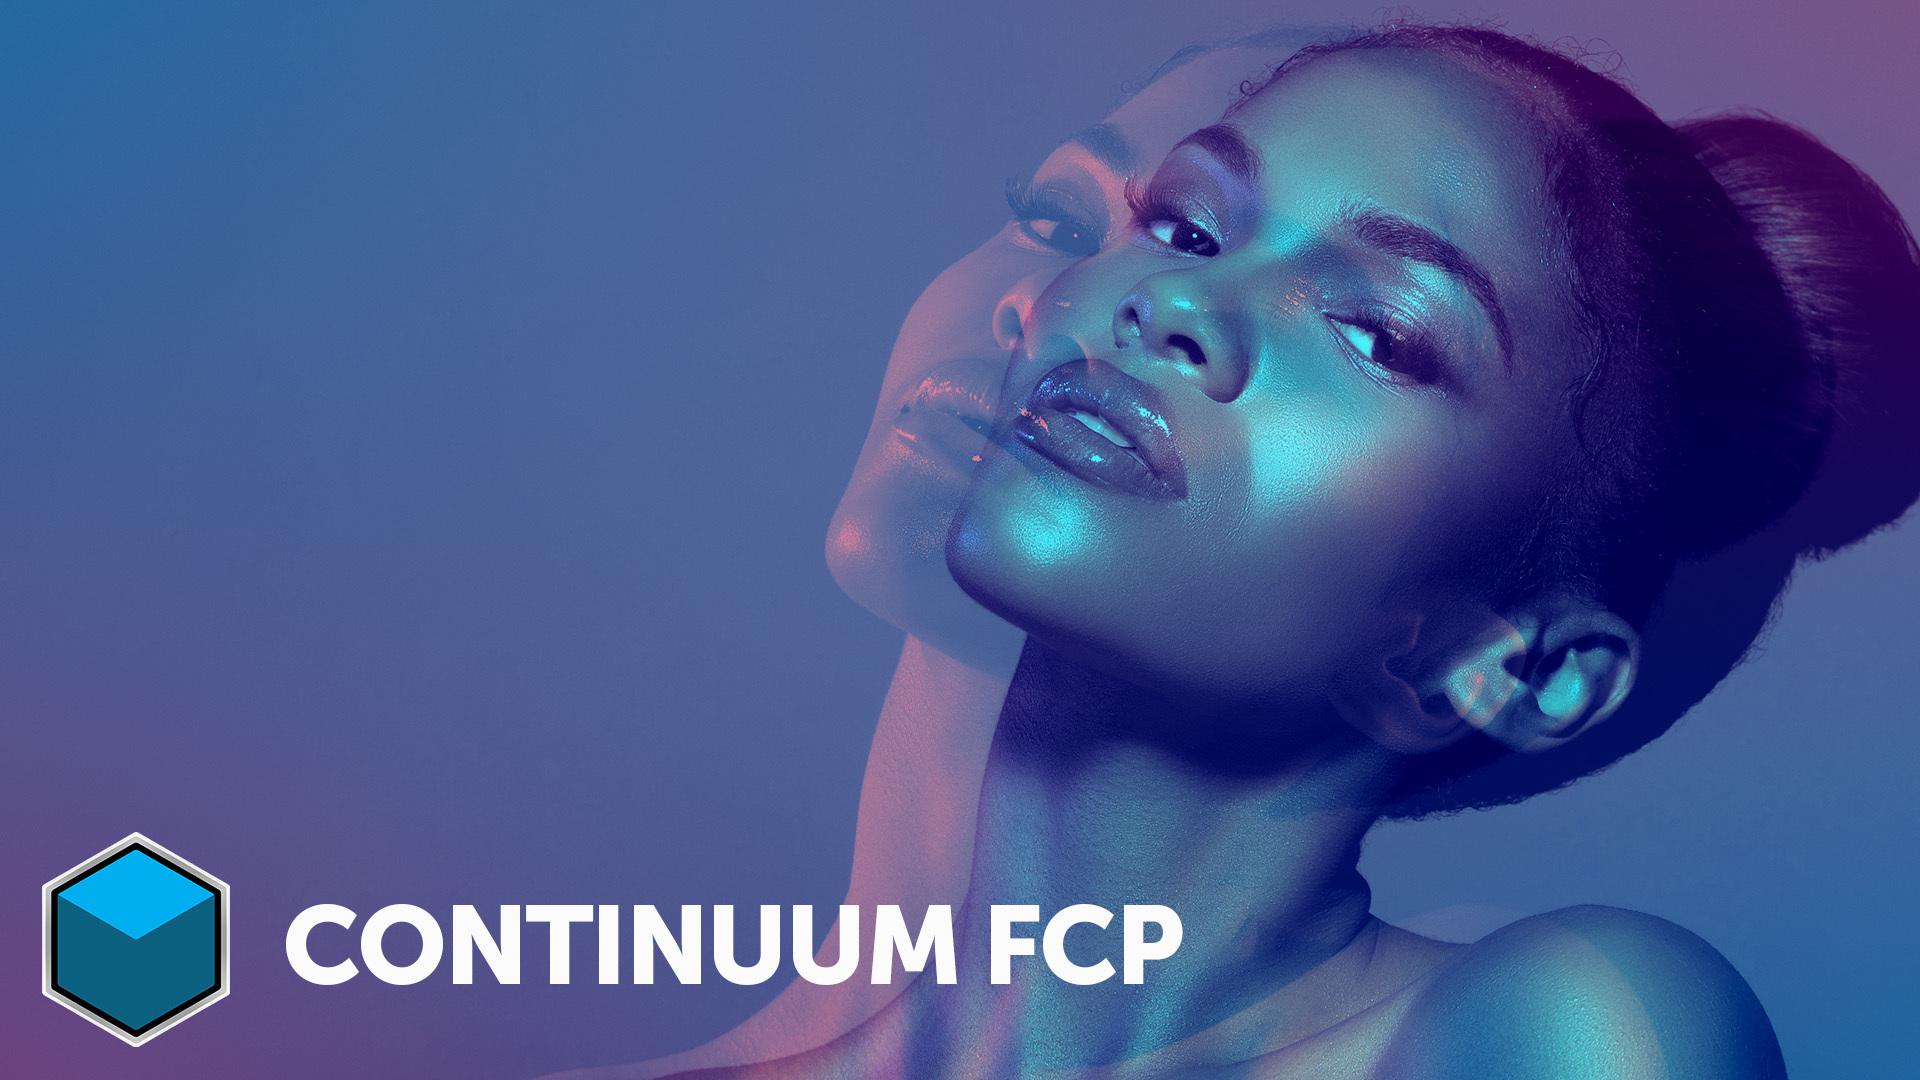 Continuum FCP 2021